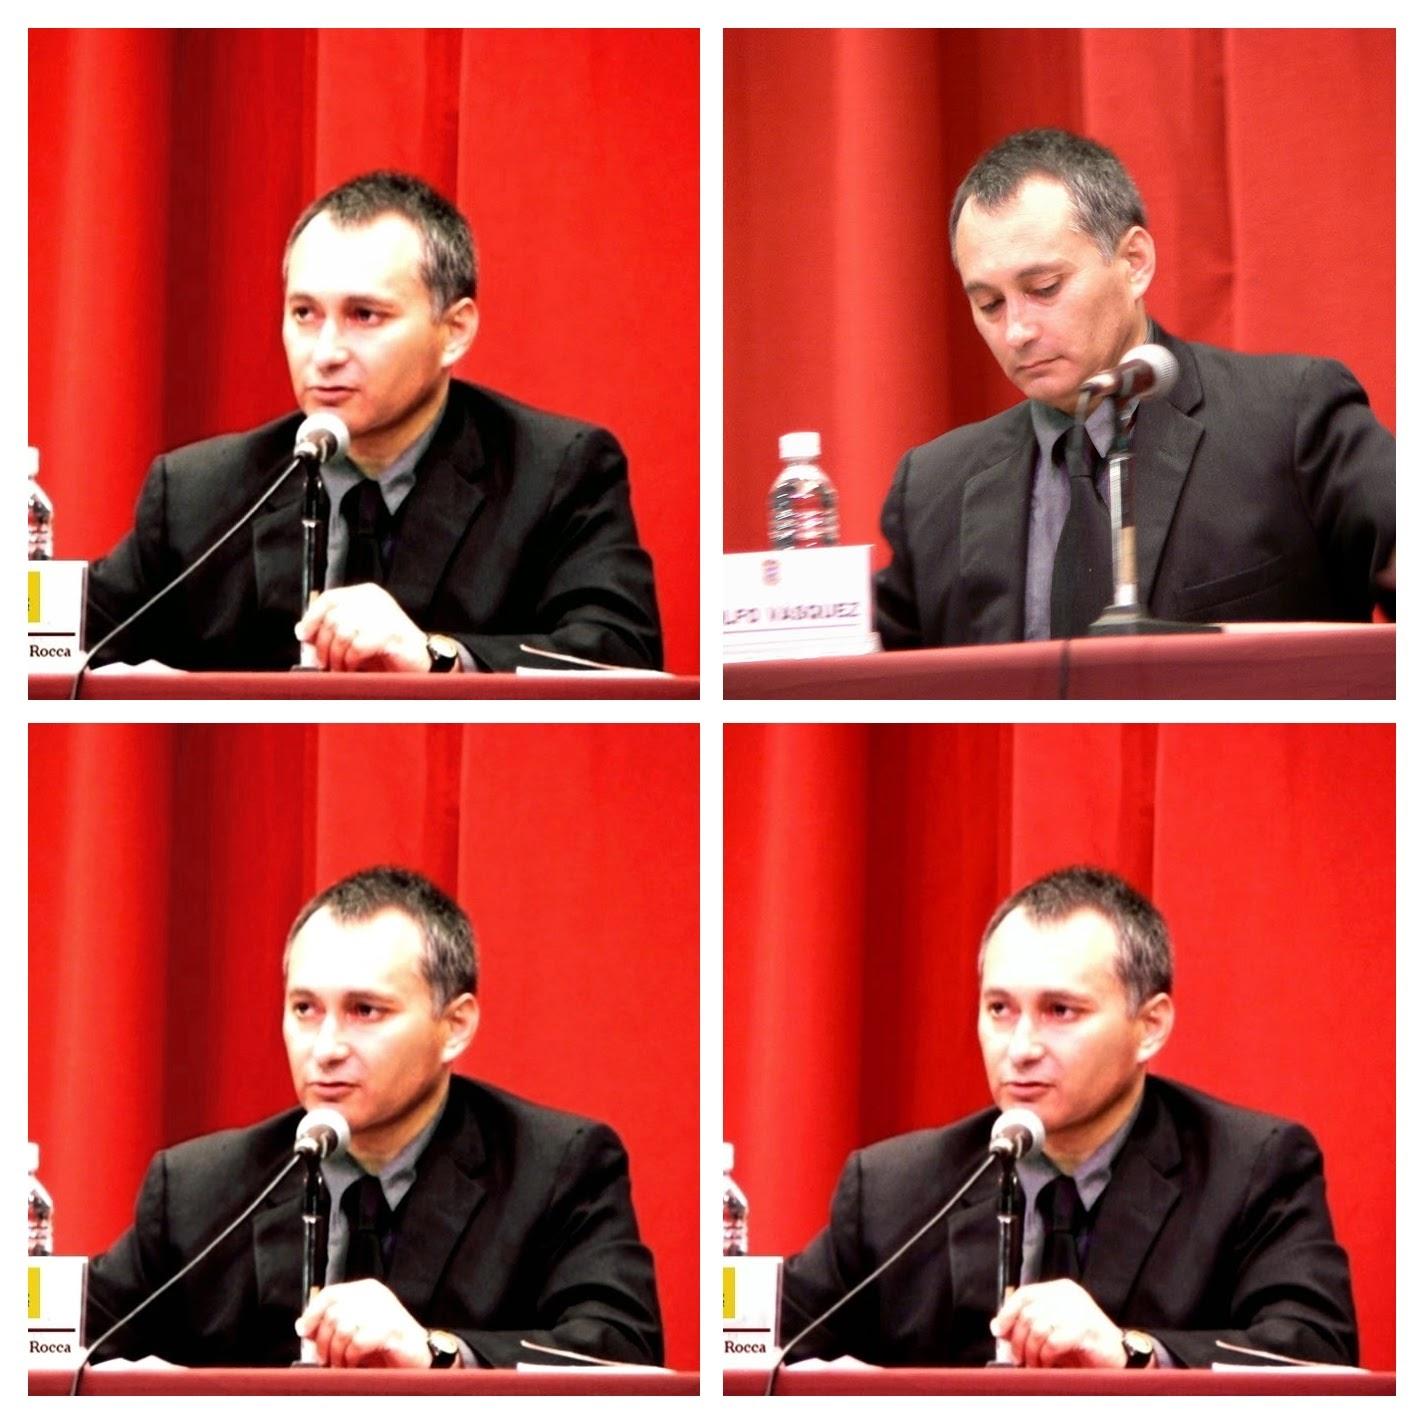 http://4.bp.blogspot.com/-j7FYdA5FwHQ/U6o6rX77GDI/AAAAAAAAU8g/txjytJstM1o/s1600/Adolfo+Vasquez+Rocca+PHD+_+Congreso+Internacional+de+Filosof%C3%ADa+UCM_UAB+2012+-MIX.jpg